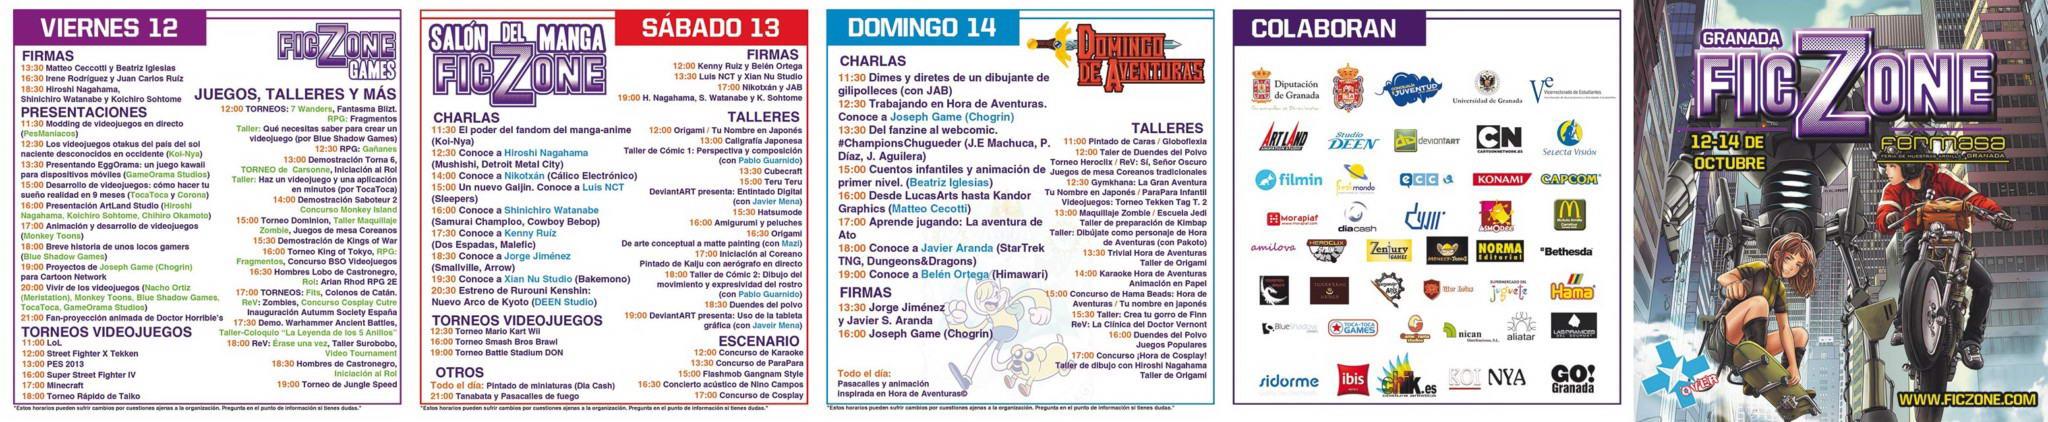 Programa FicZone 2012